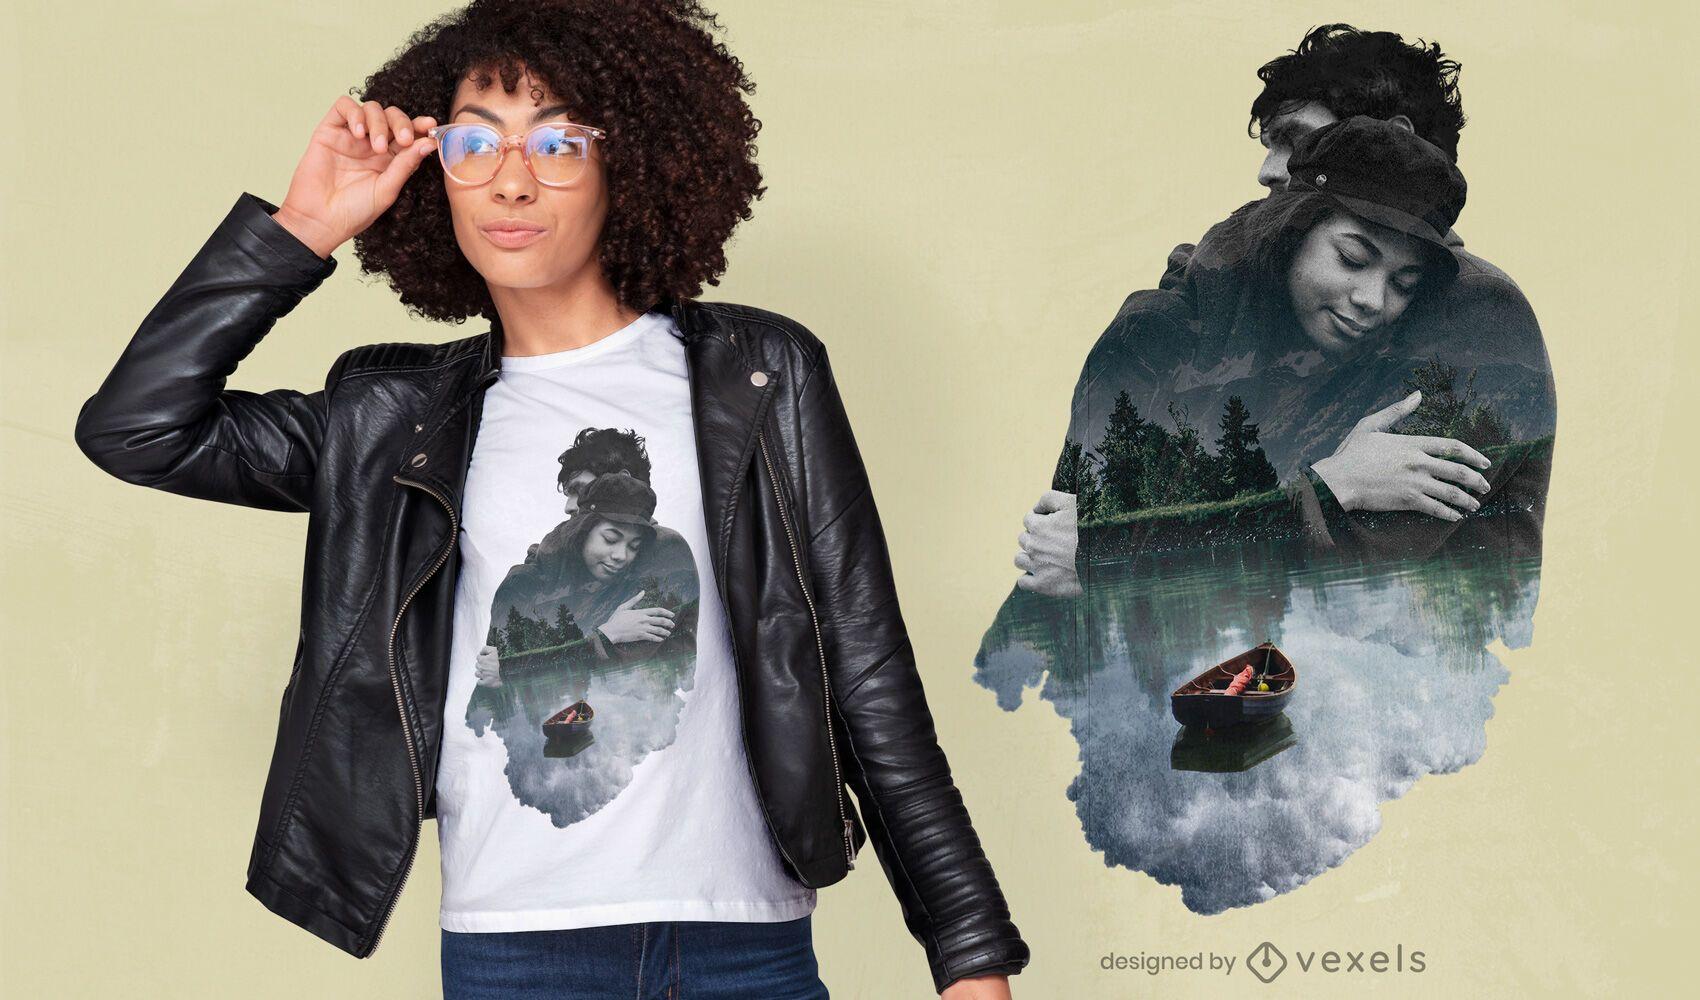 Casal abraçando t-shirt PSD de dupla exposição